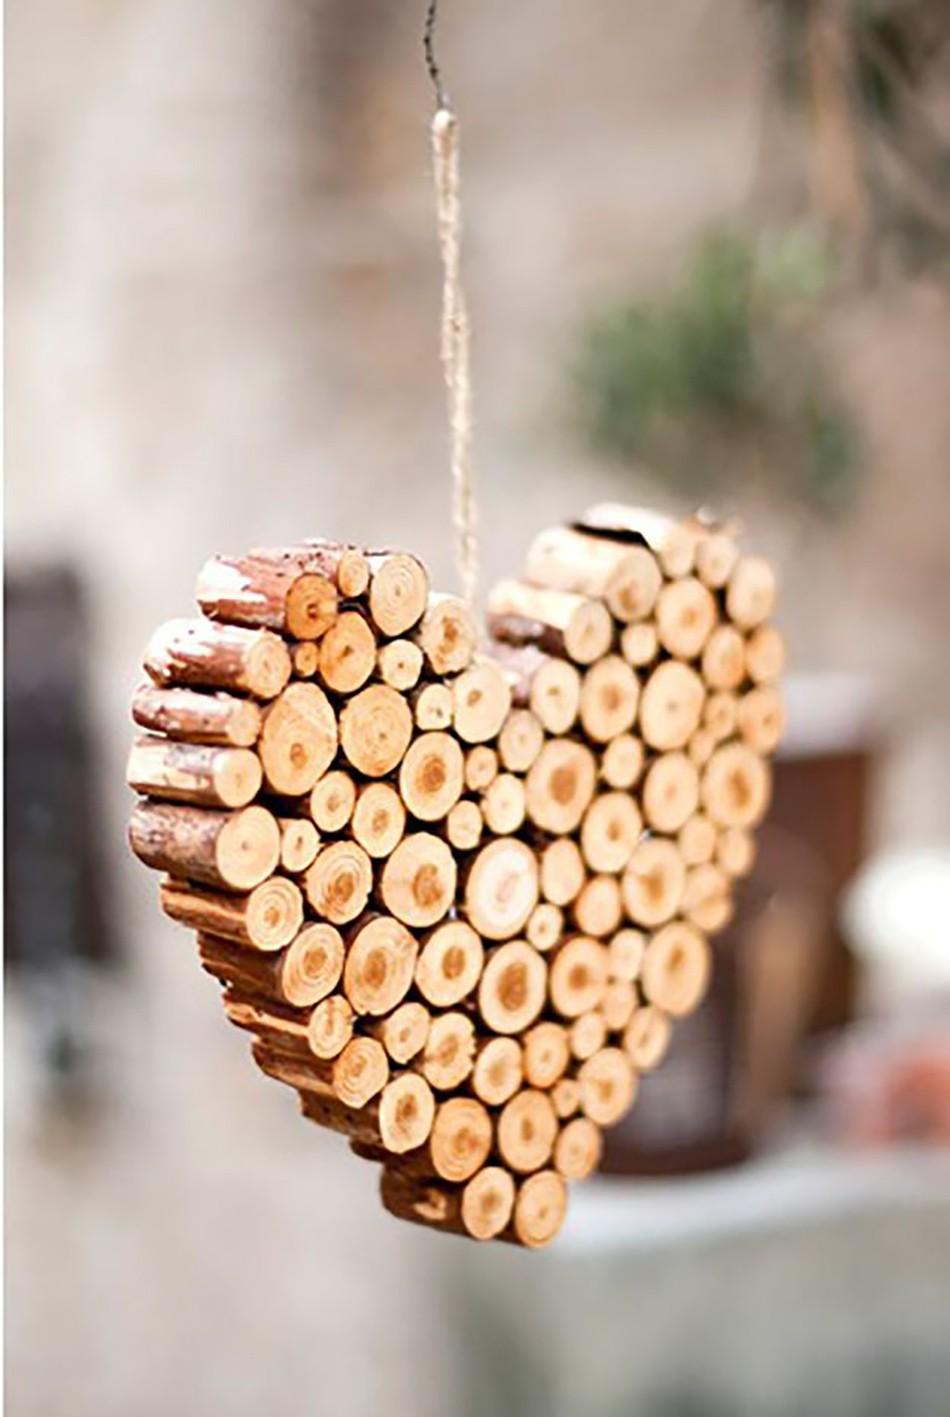 صورة تحف وانتيكات خشبية  , تحويل بقايا الخشب لانتيكات وتحف شيك 11998 1